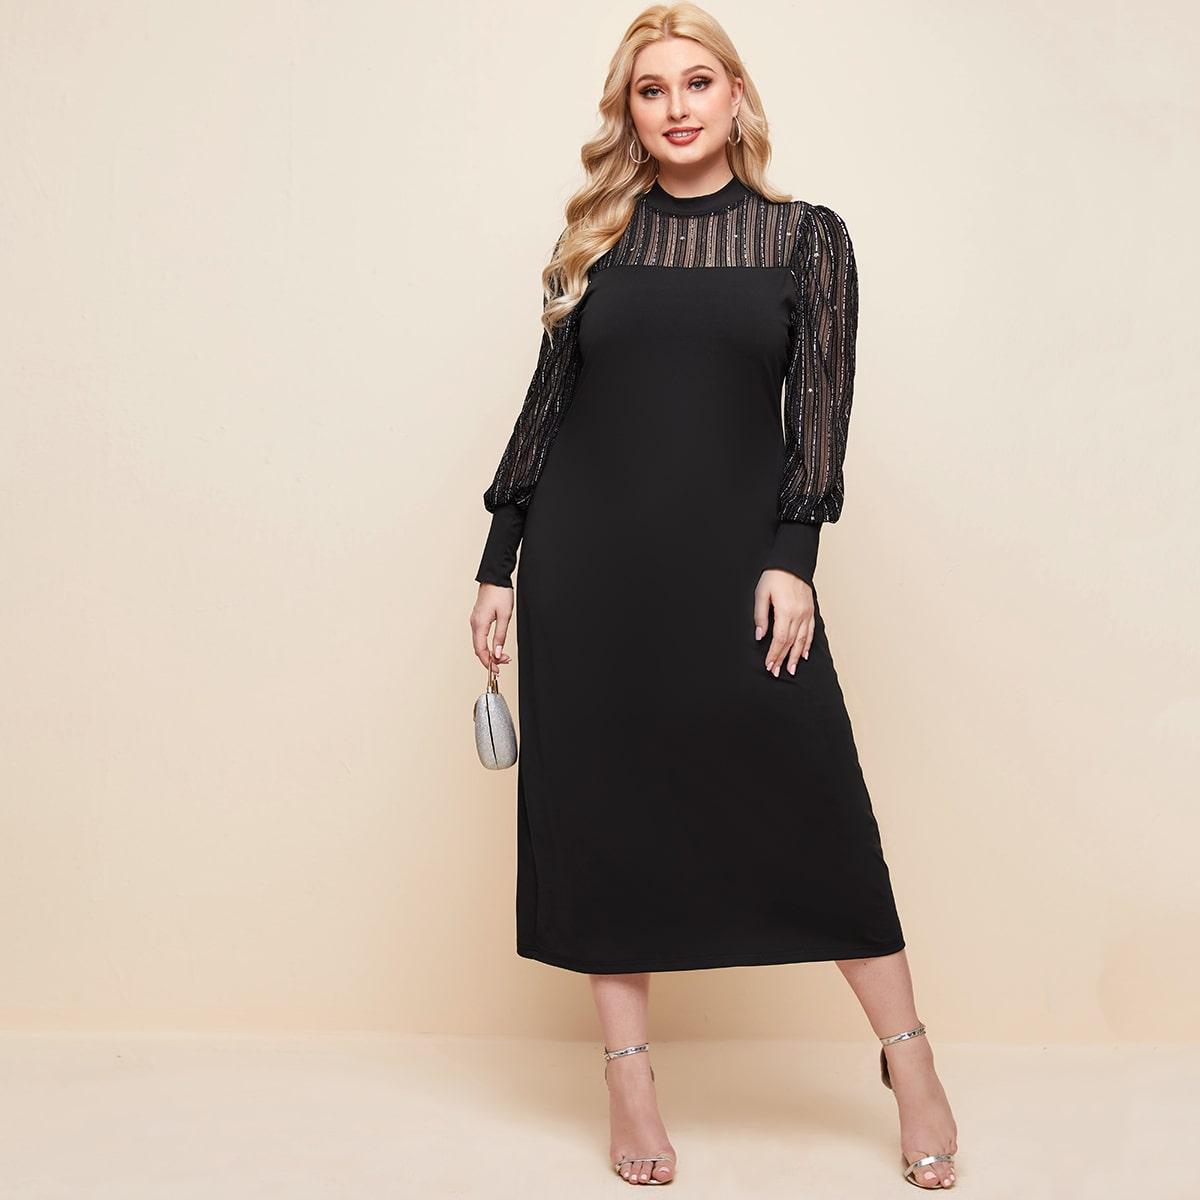 SHEIN / Kleid mit Netzstoff Ärmeln und Schlitz